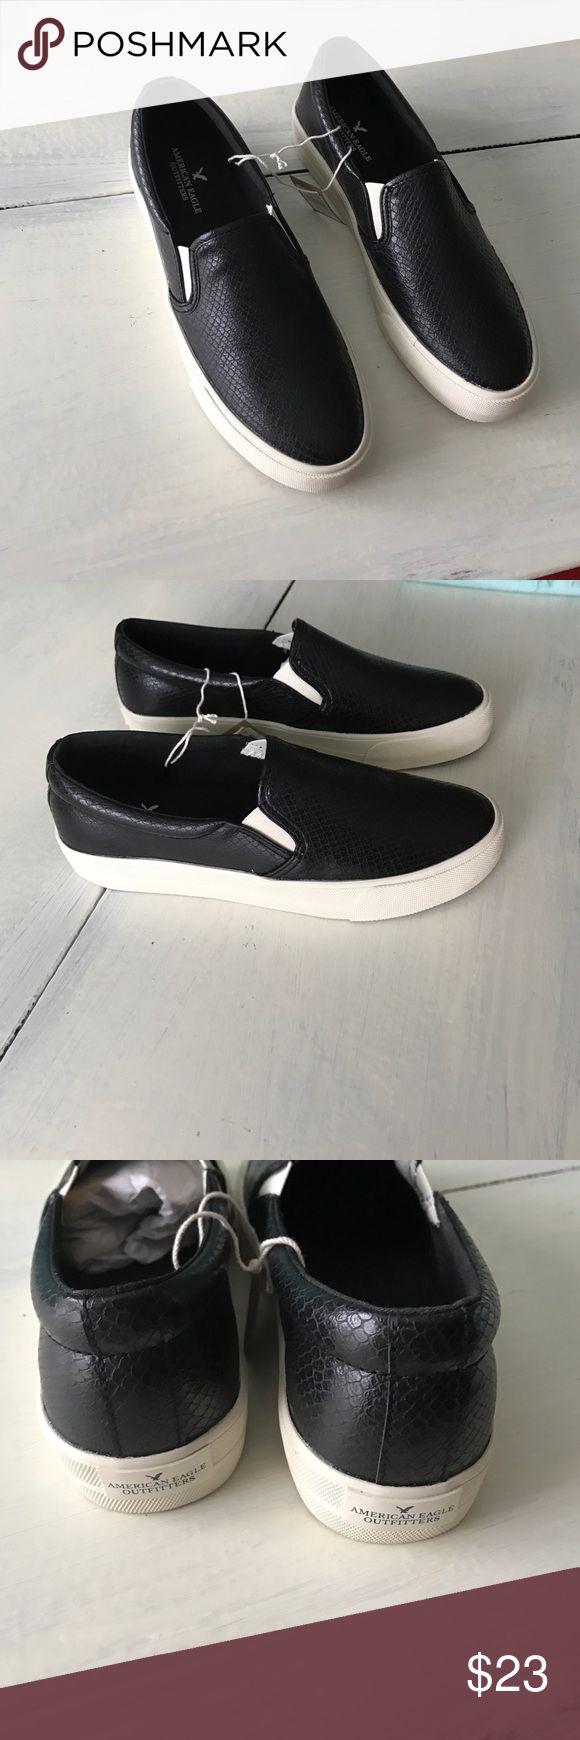 Black platform slip on sneakers American Eagle Outfitters slip on sneakers American Eagle Outfitters Shoes Sneakers